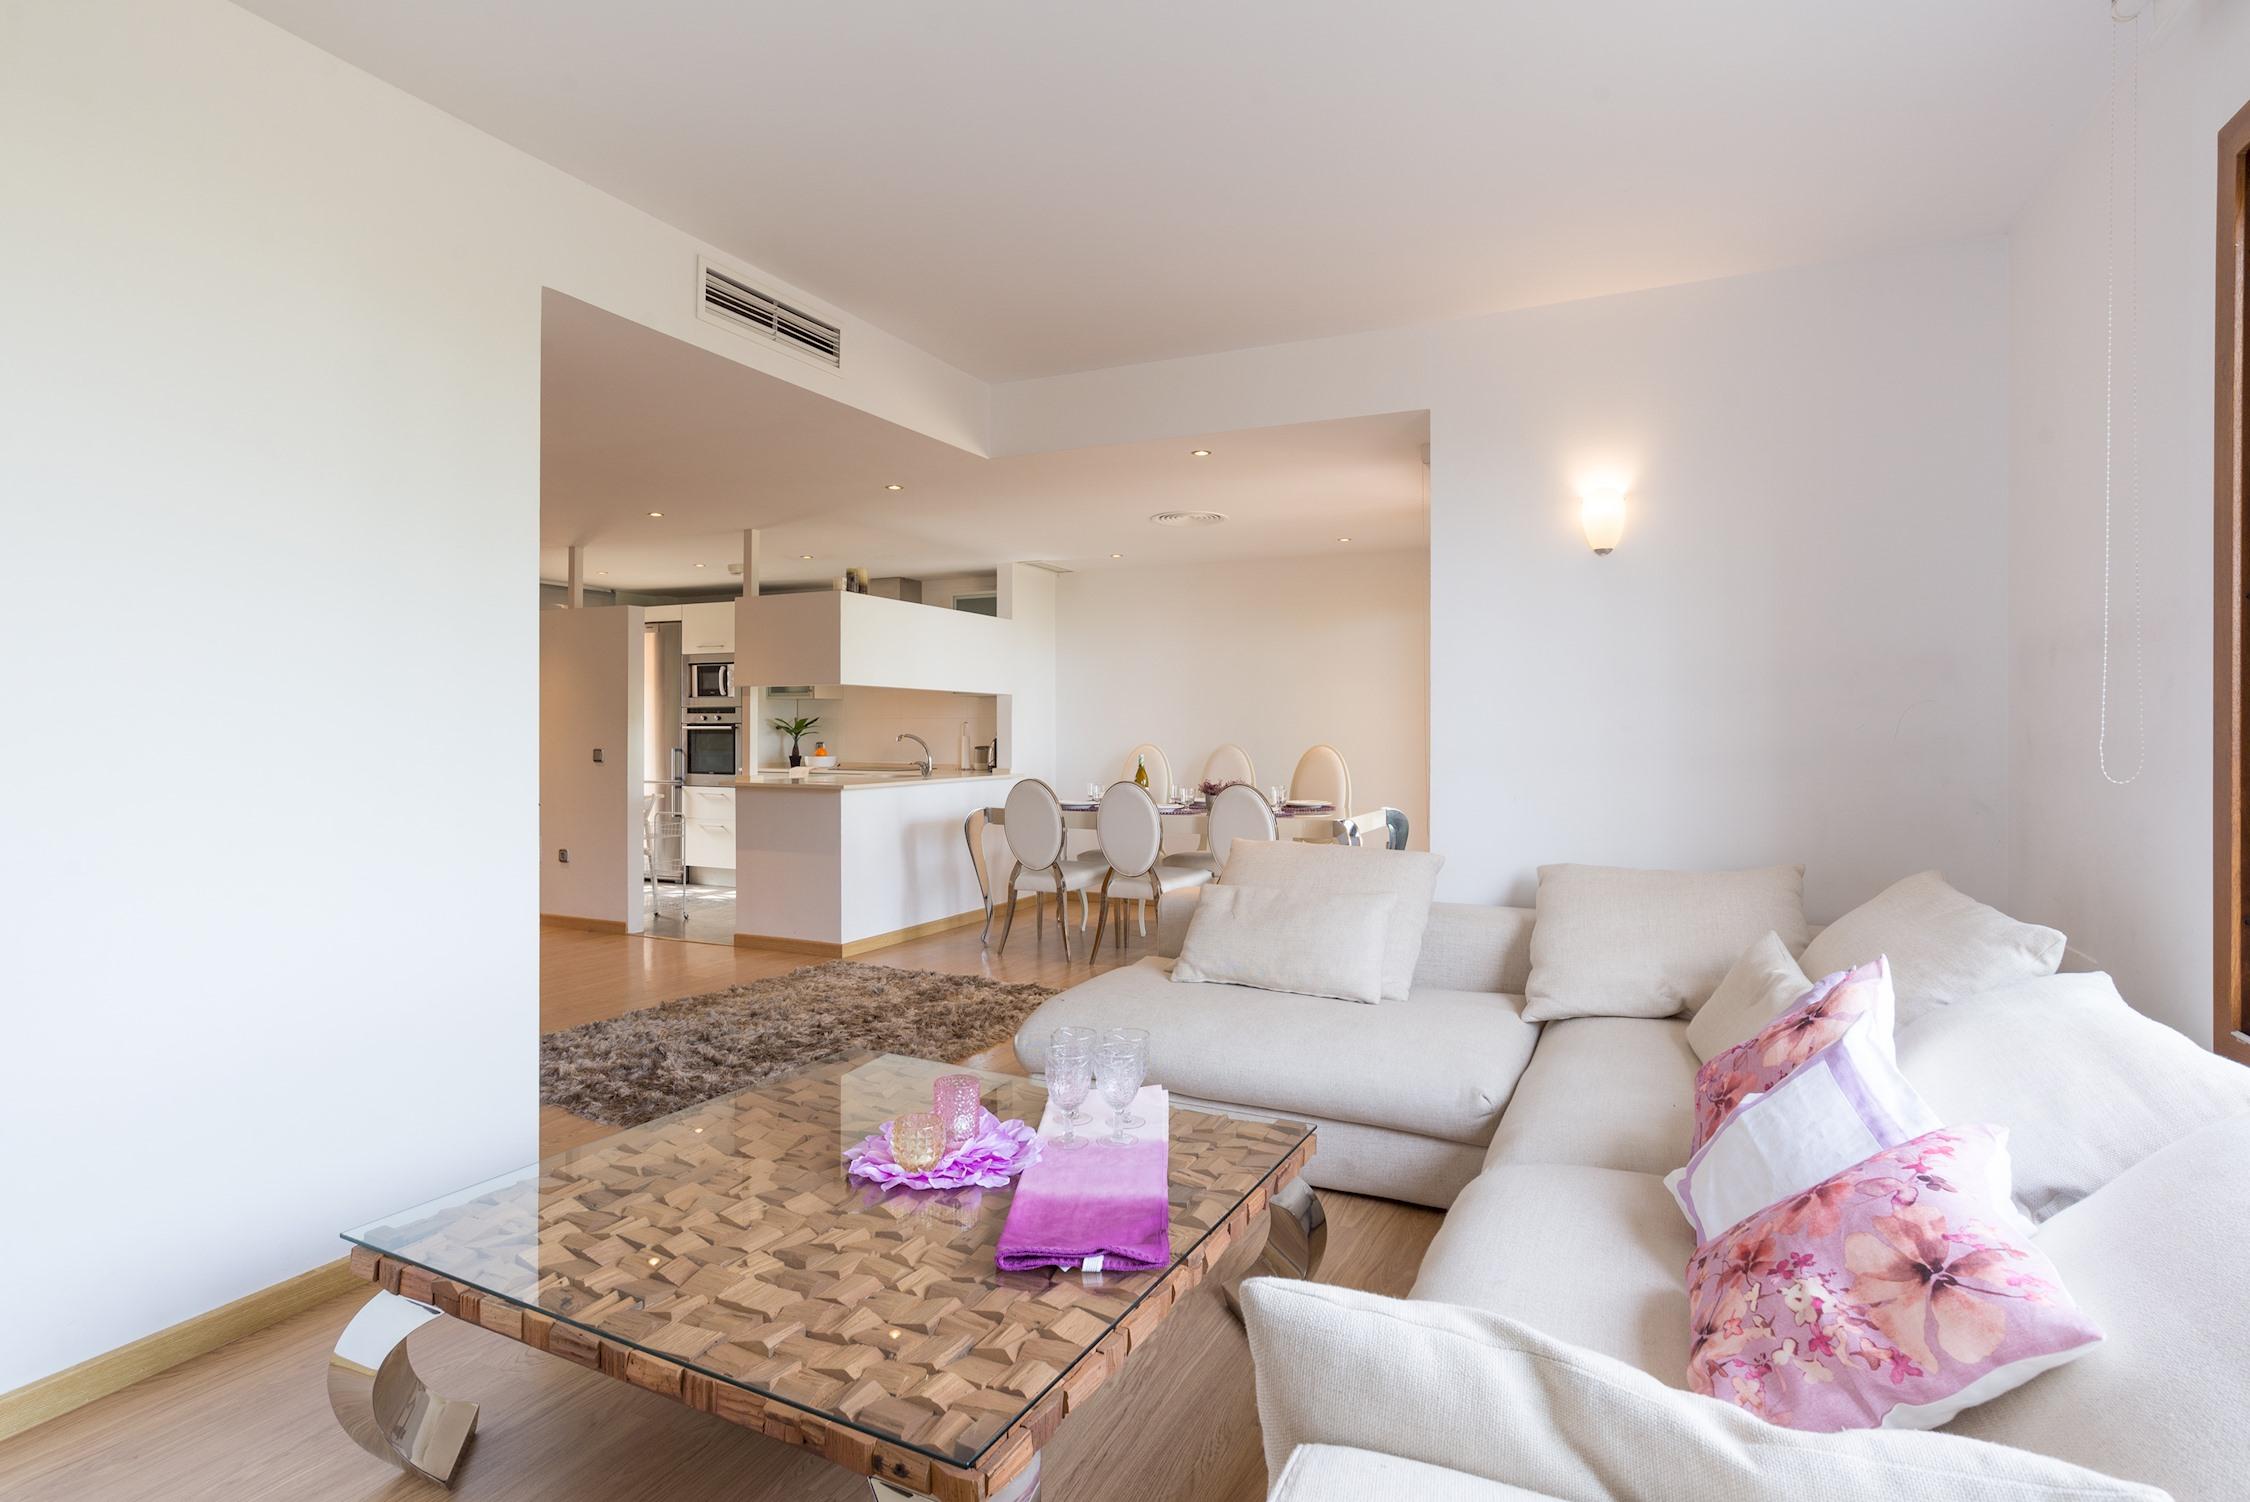 Apartment MalagaSuite Private Deluxe Villa photo 19967550